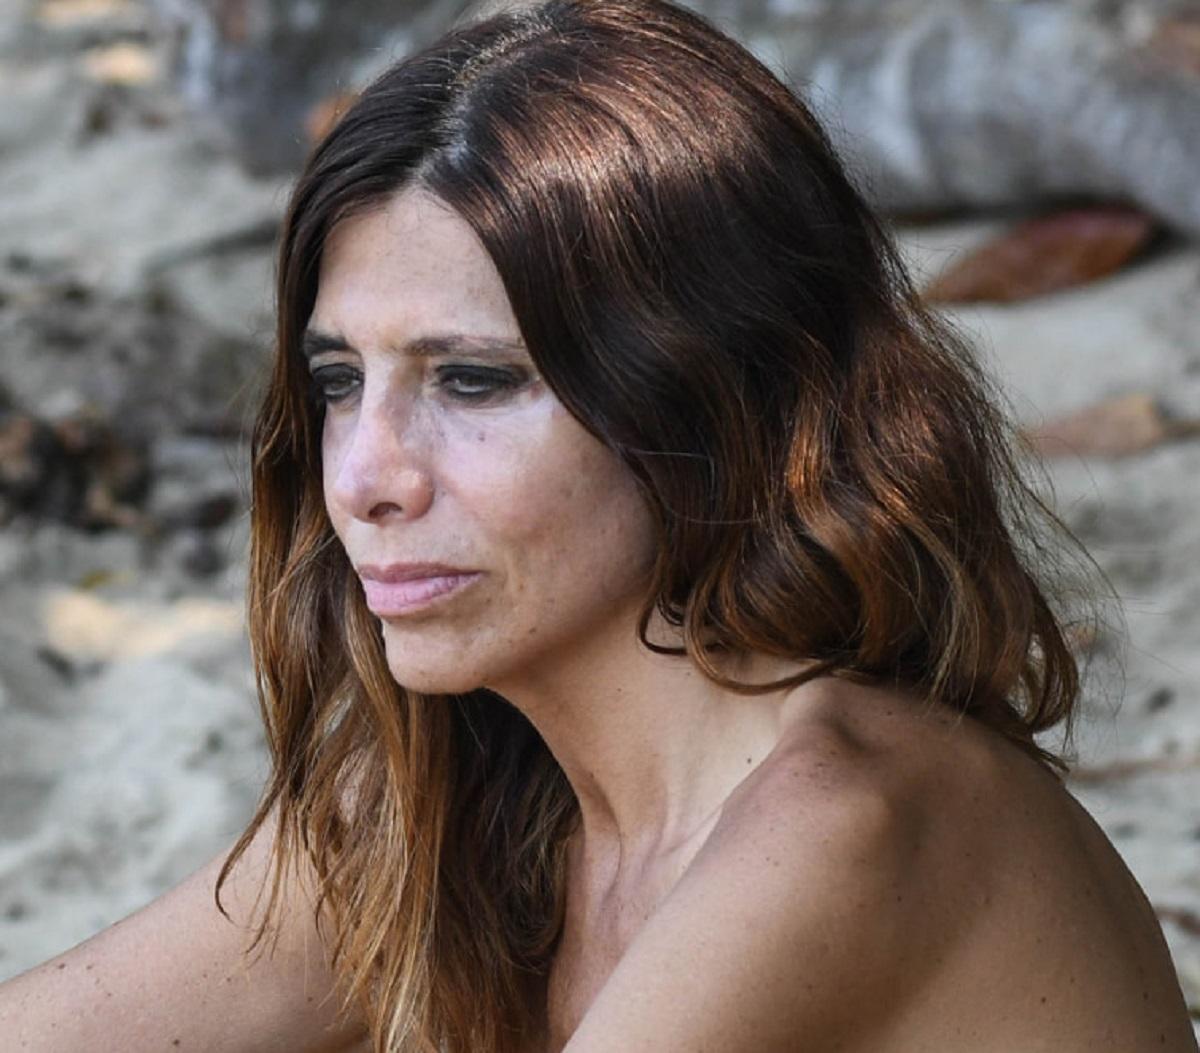 Emanuela Tittocchia confessione rischio morire